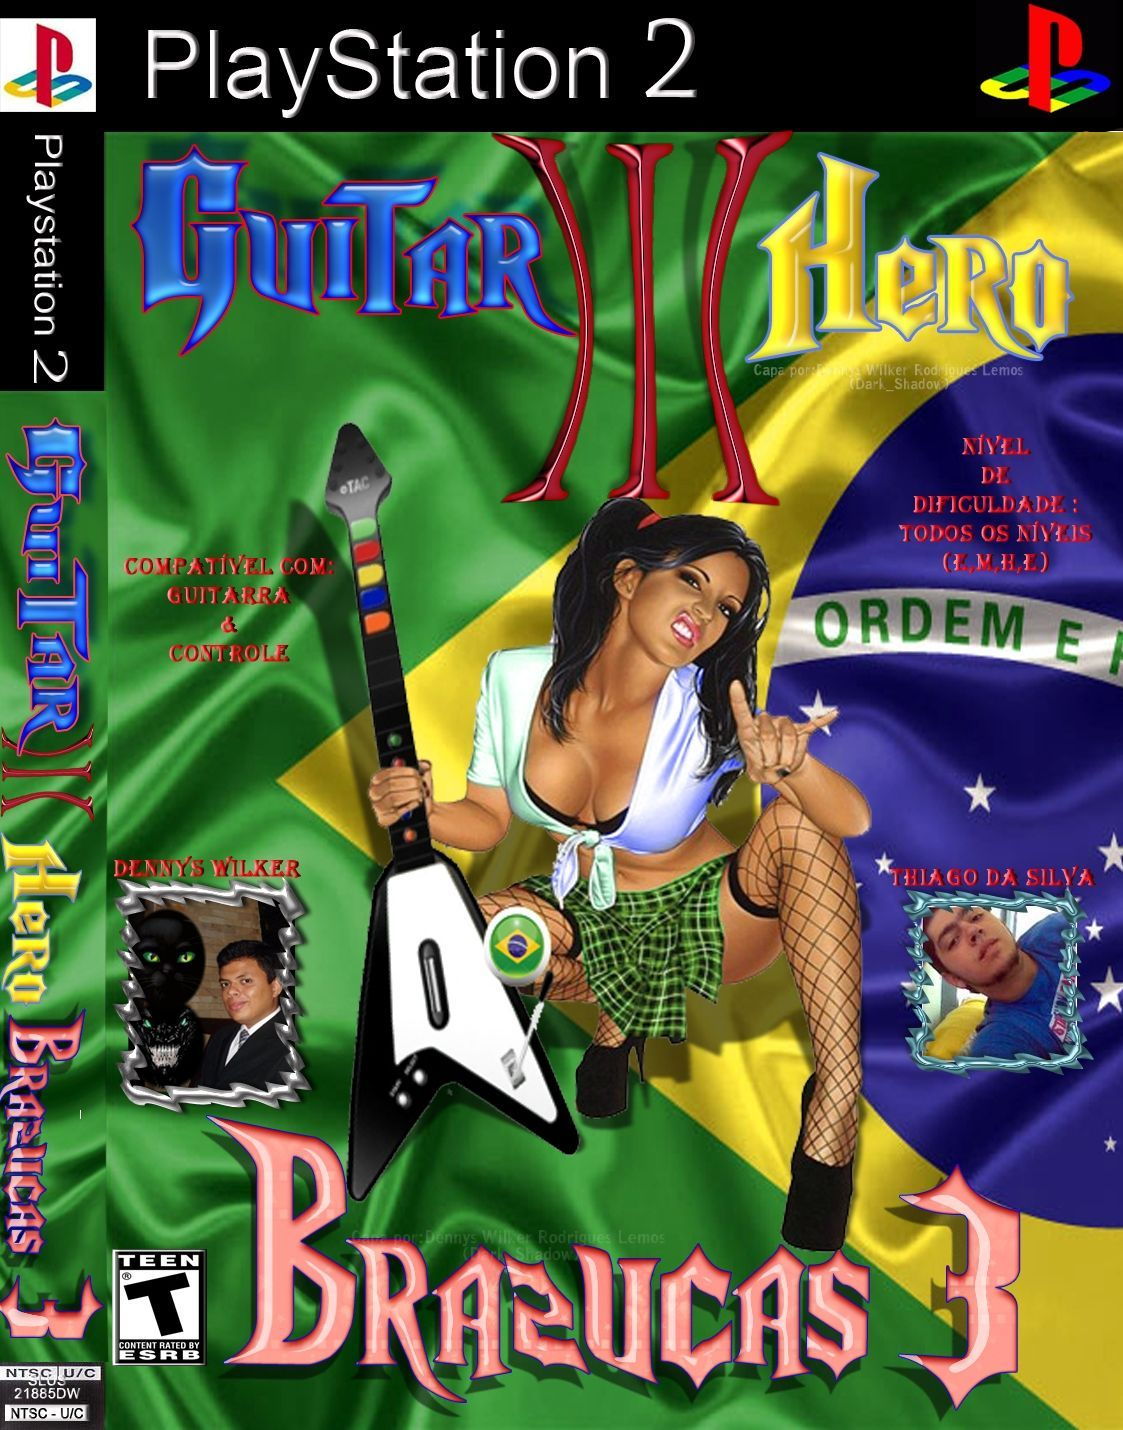 HERO PS2 BAIXAR GUITAR MUSICAS BRASILEIRAS